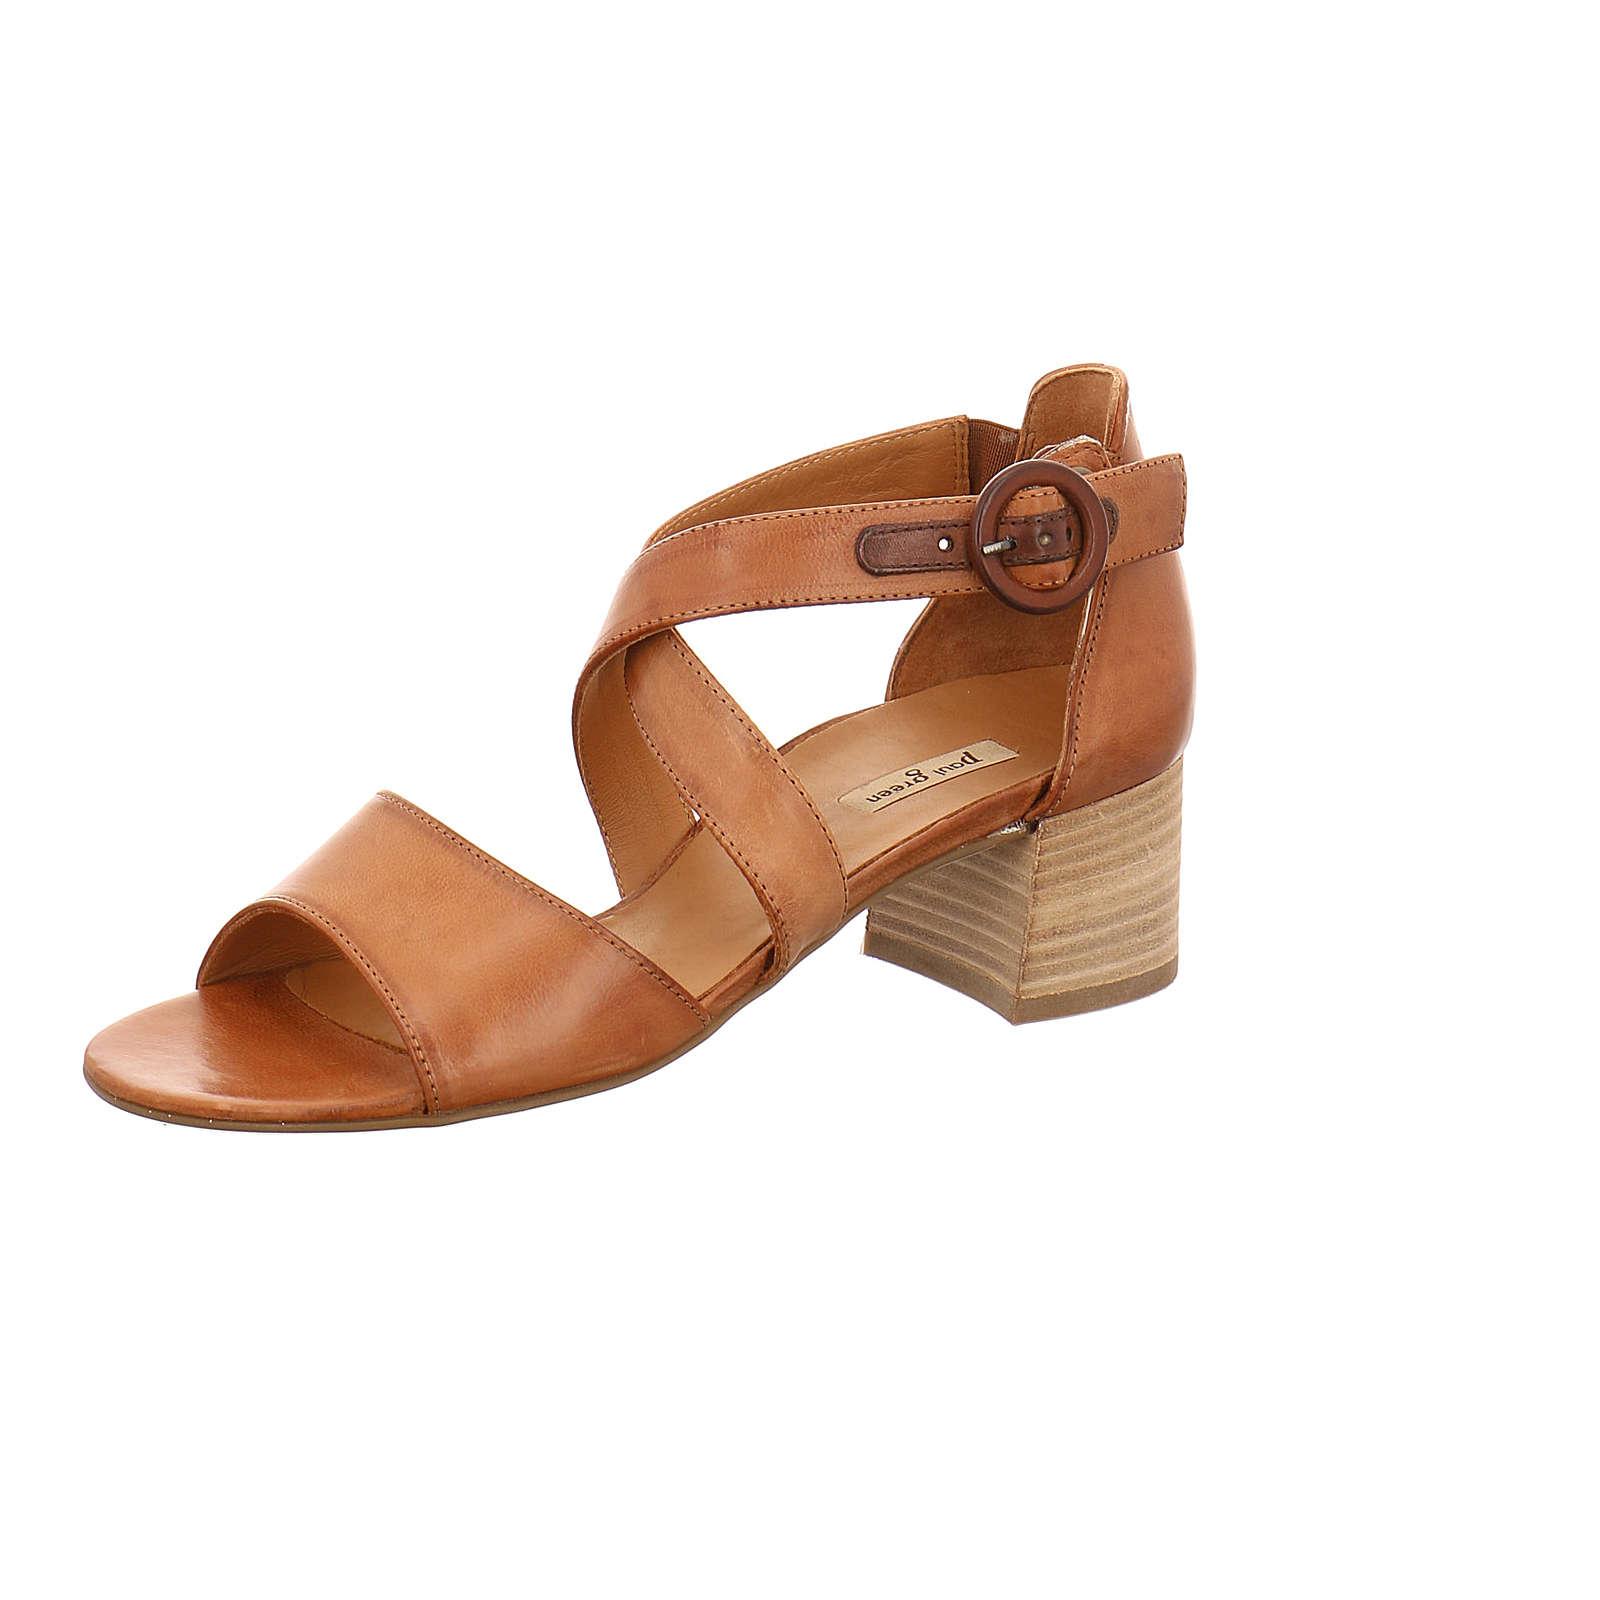 Paul Green Sandalette Klassische Sandaletten beige Damen Gr. 39